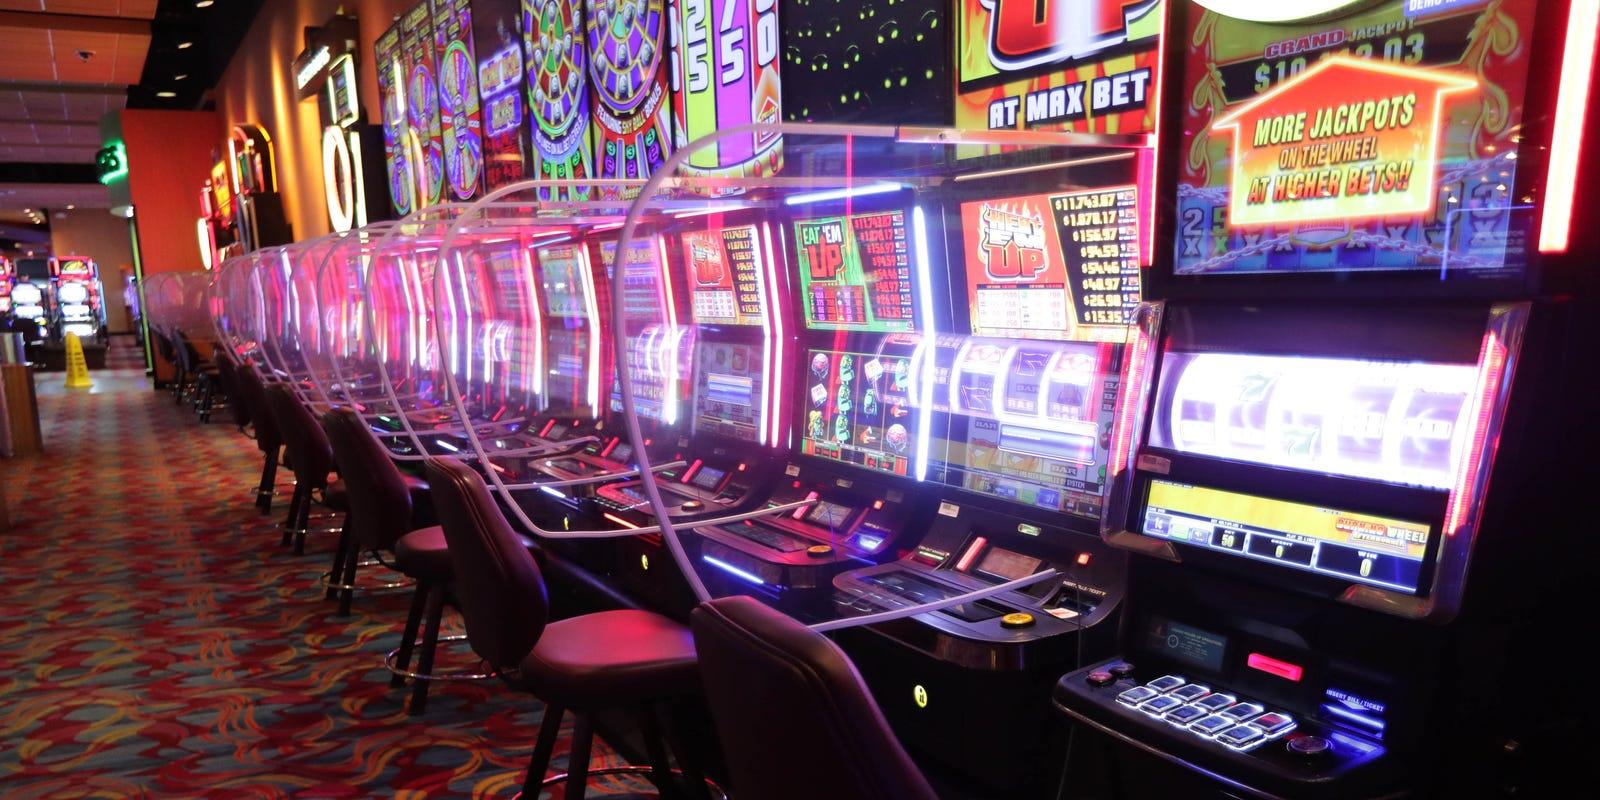 Mole lake wi casino